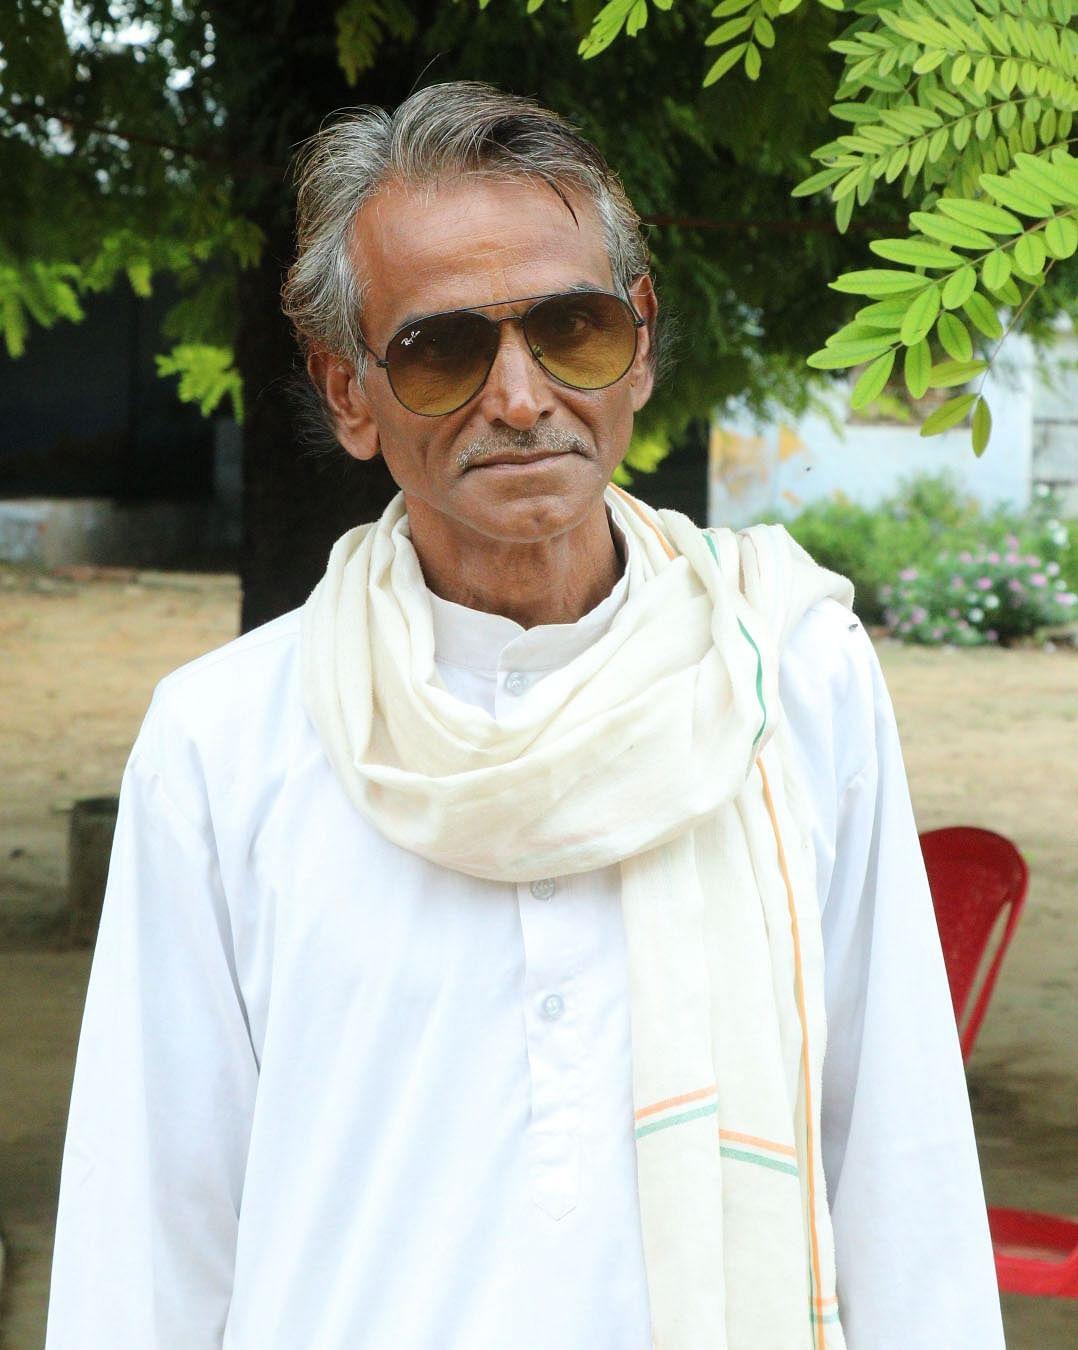 फोटो: भारत डोगरा